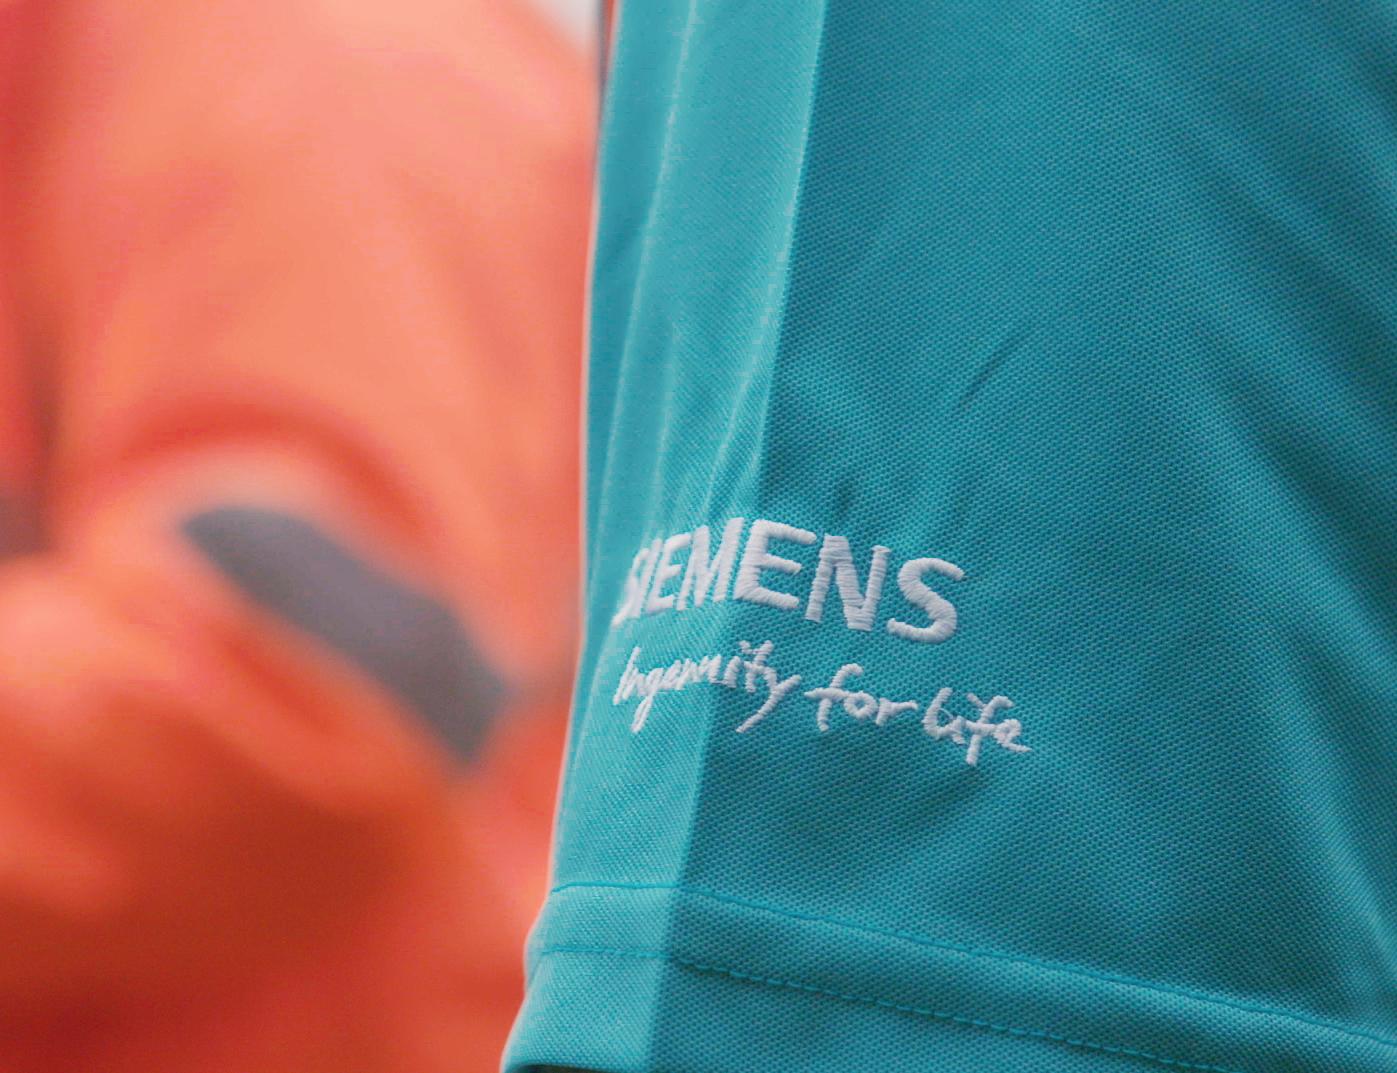 Siemens - The Goodwood Hillclimb